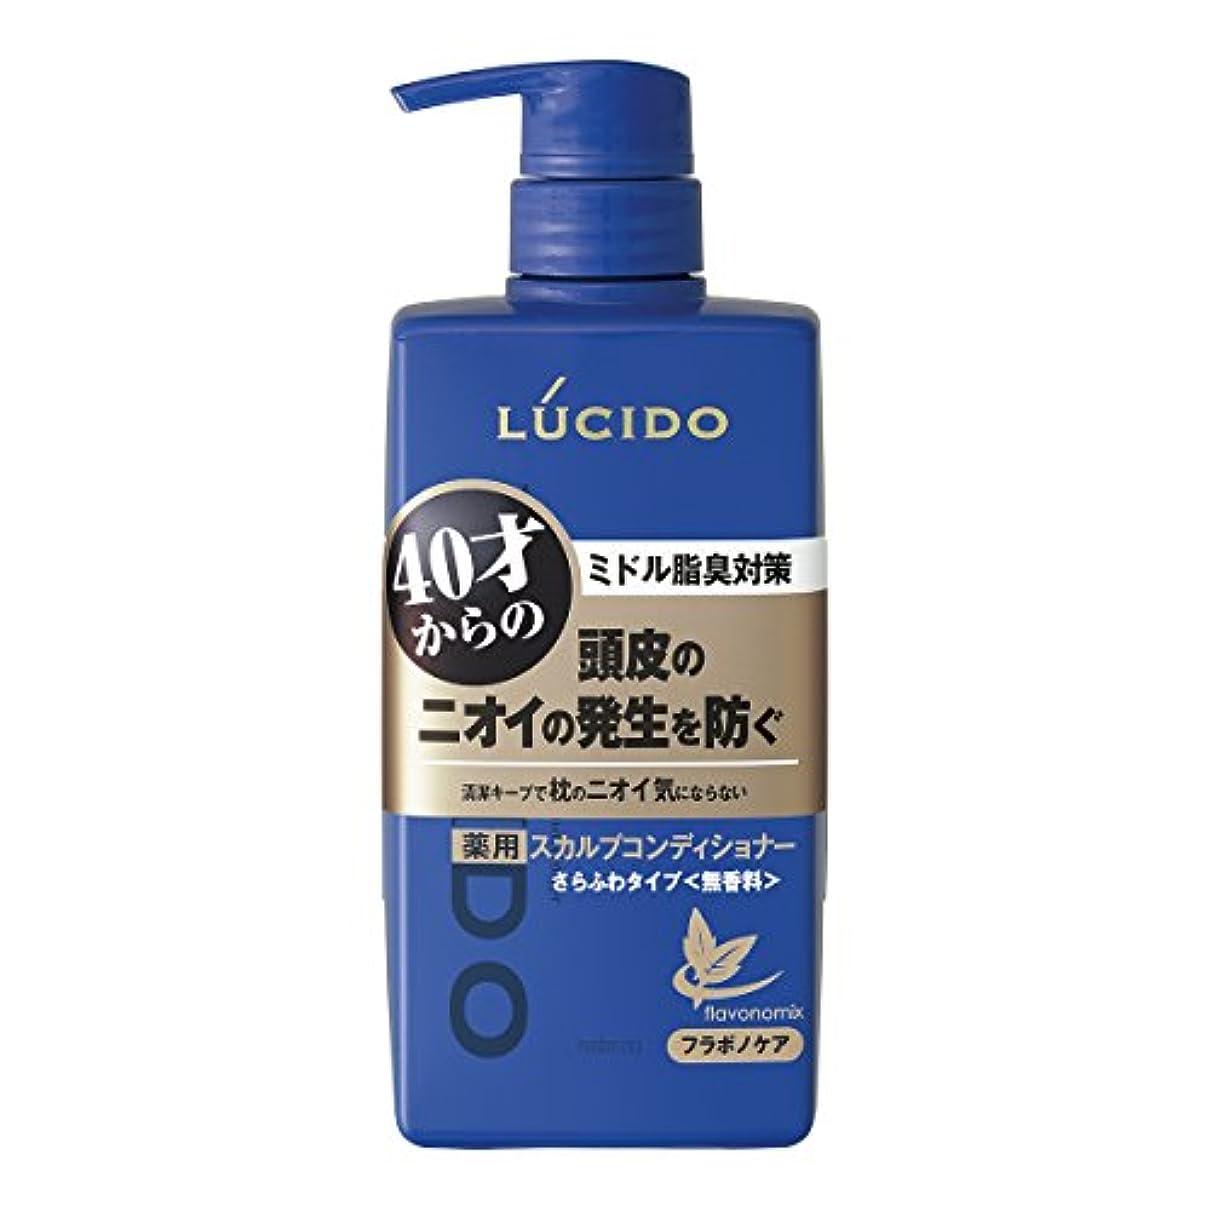 有効不良同一性ルシード 薬用ヘア&スカルプコンディショナー 450g(医薬部外品)